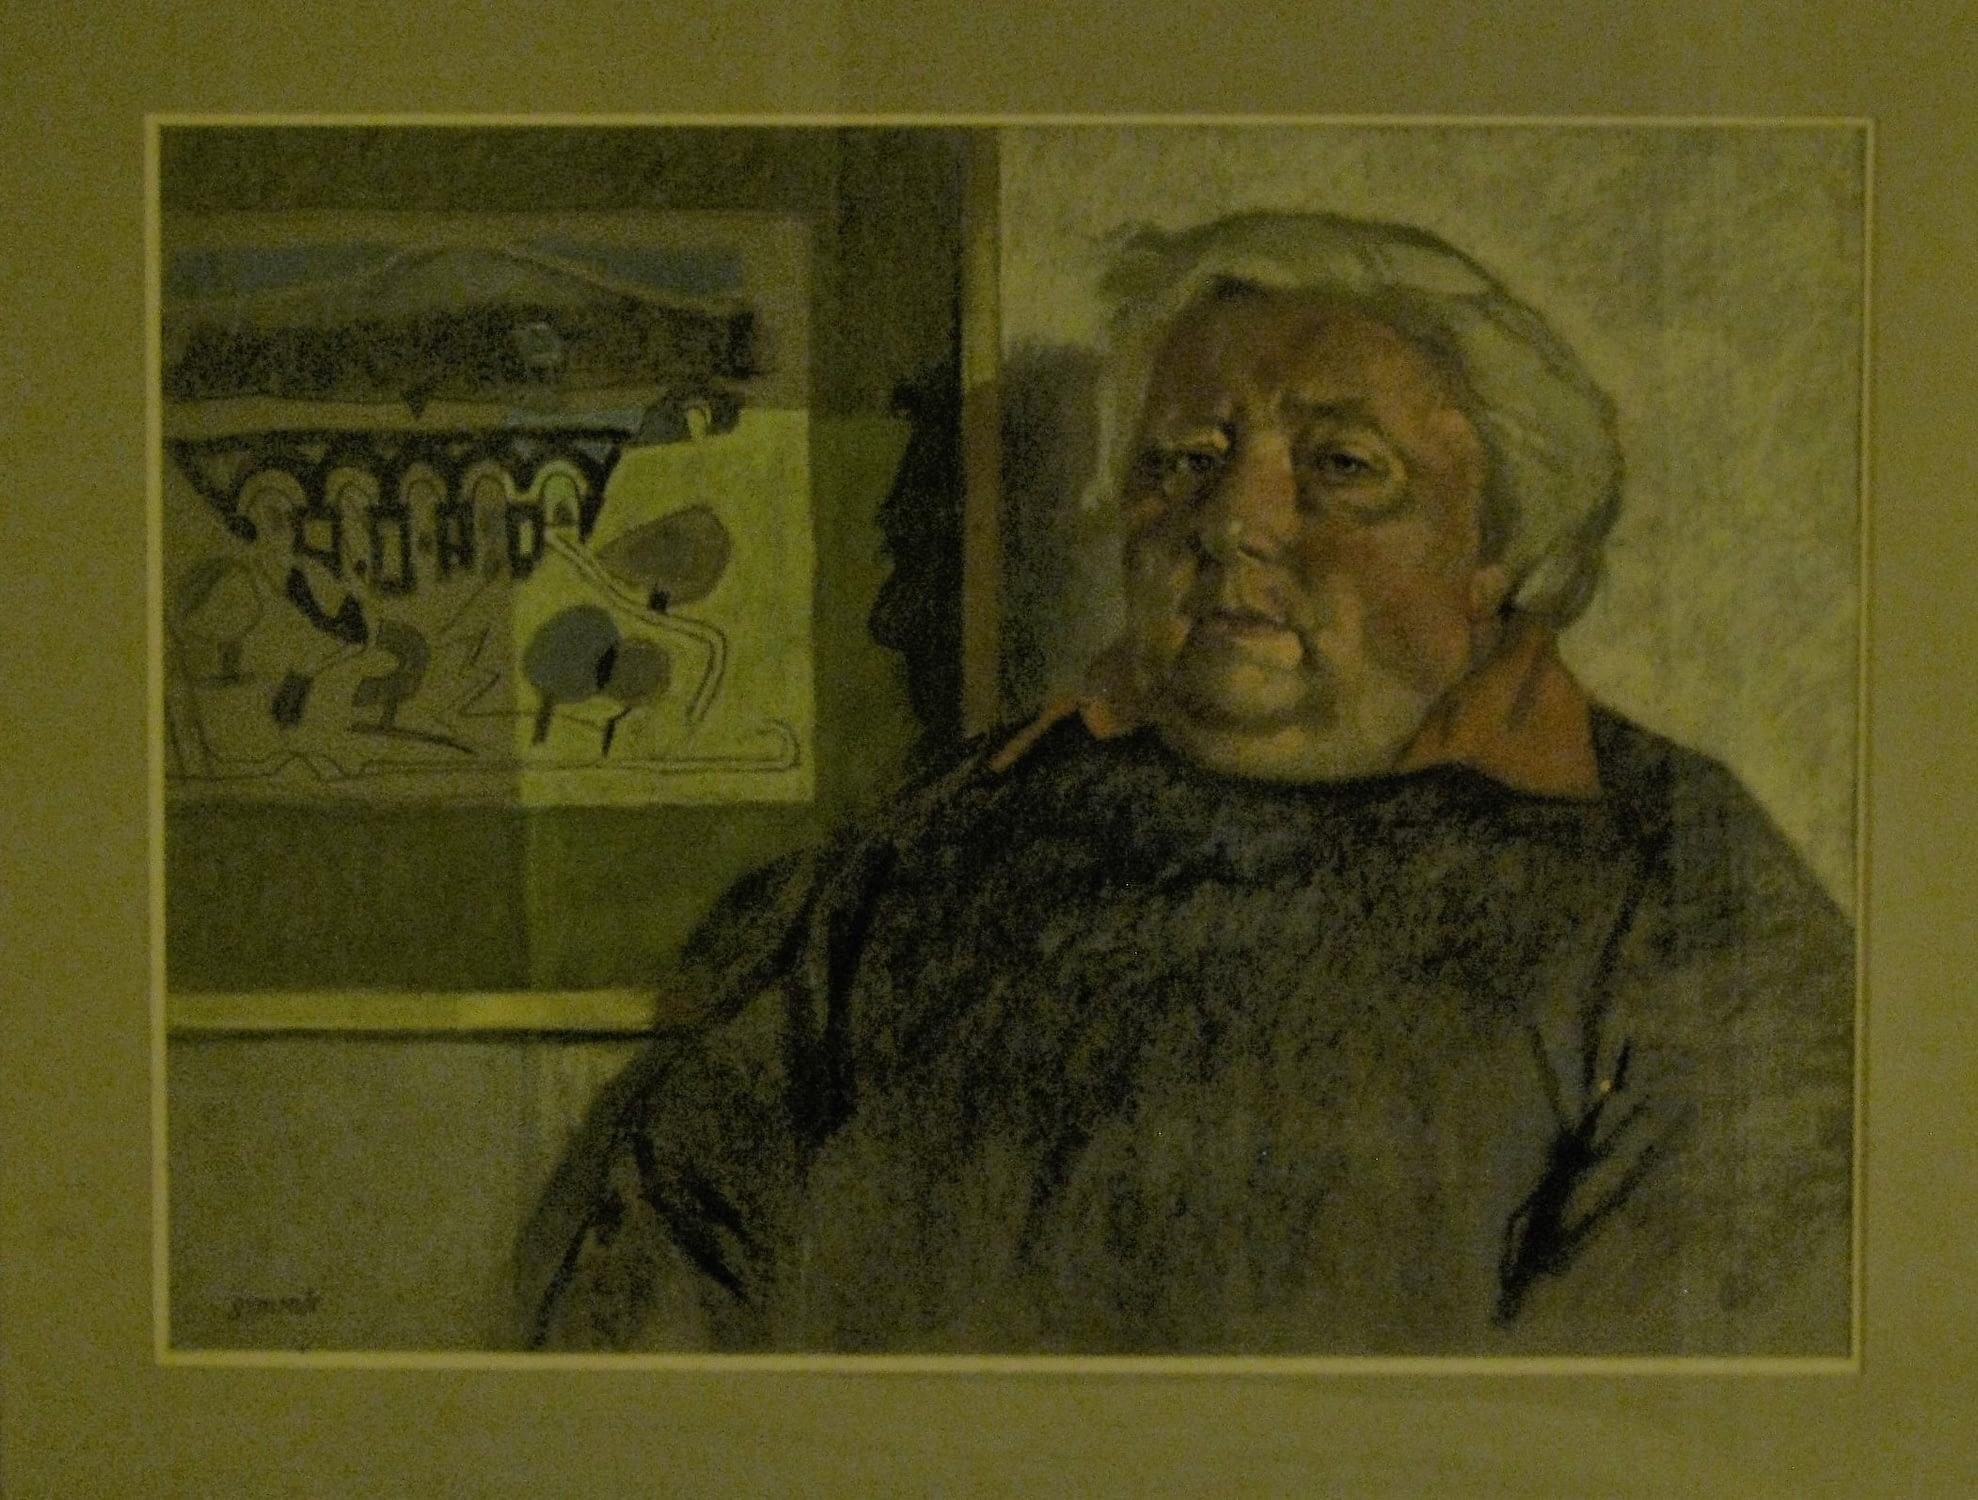 Pastel portrait of St Agnes artist Tony Giles, by Ken Symonds